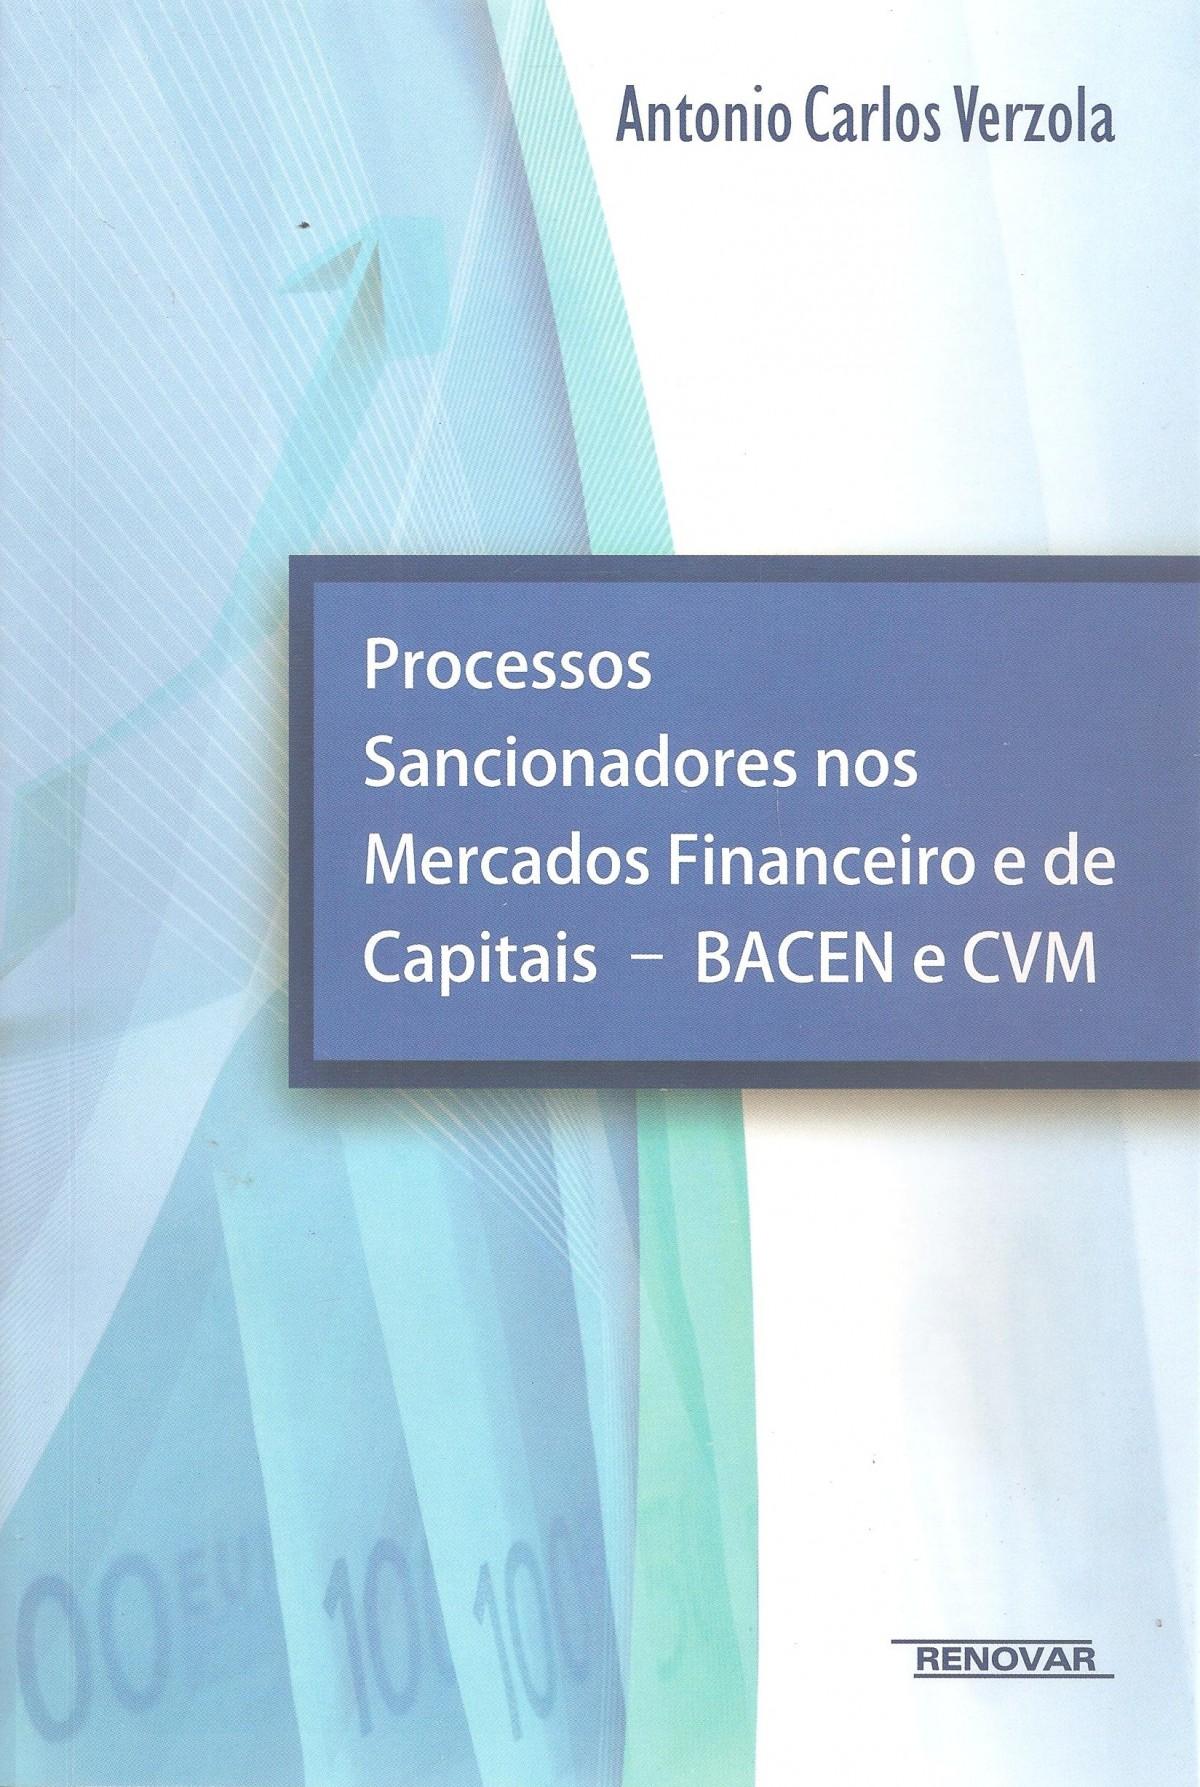 Foto 1 - Processos Sancionadores nos Mercados Financeiro e de Capitais